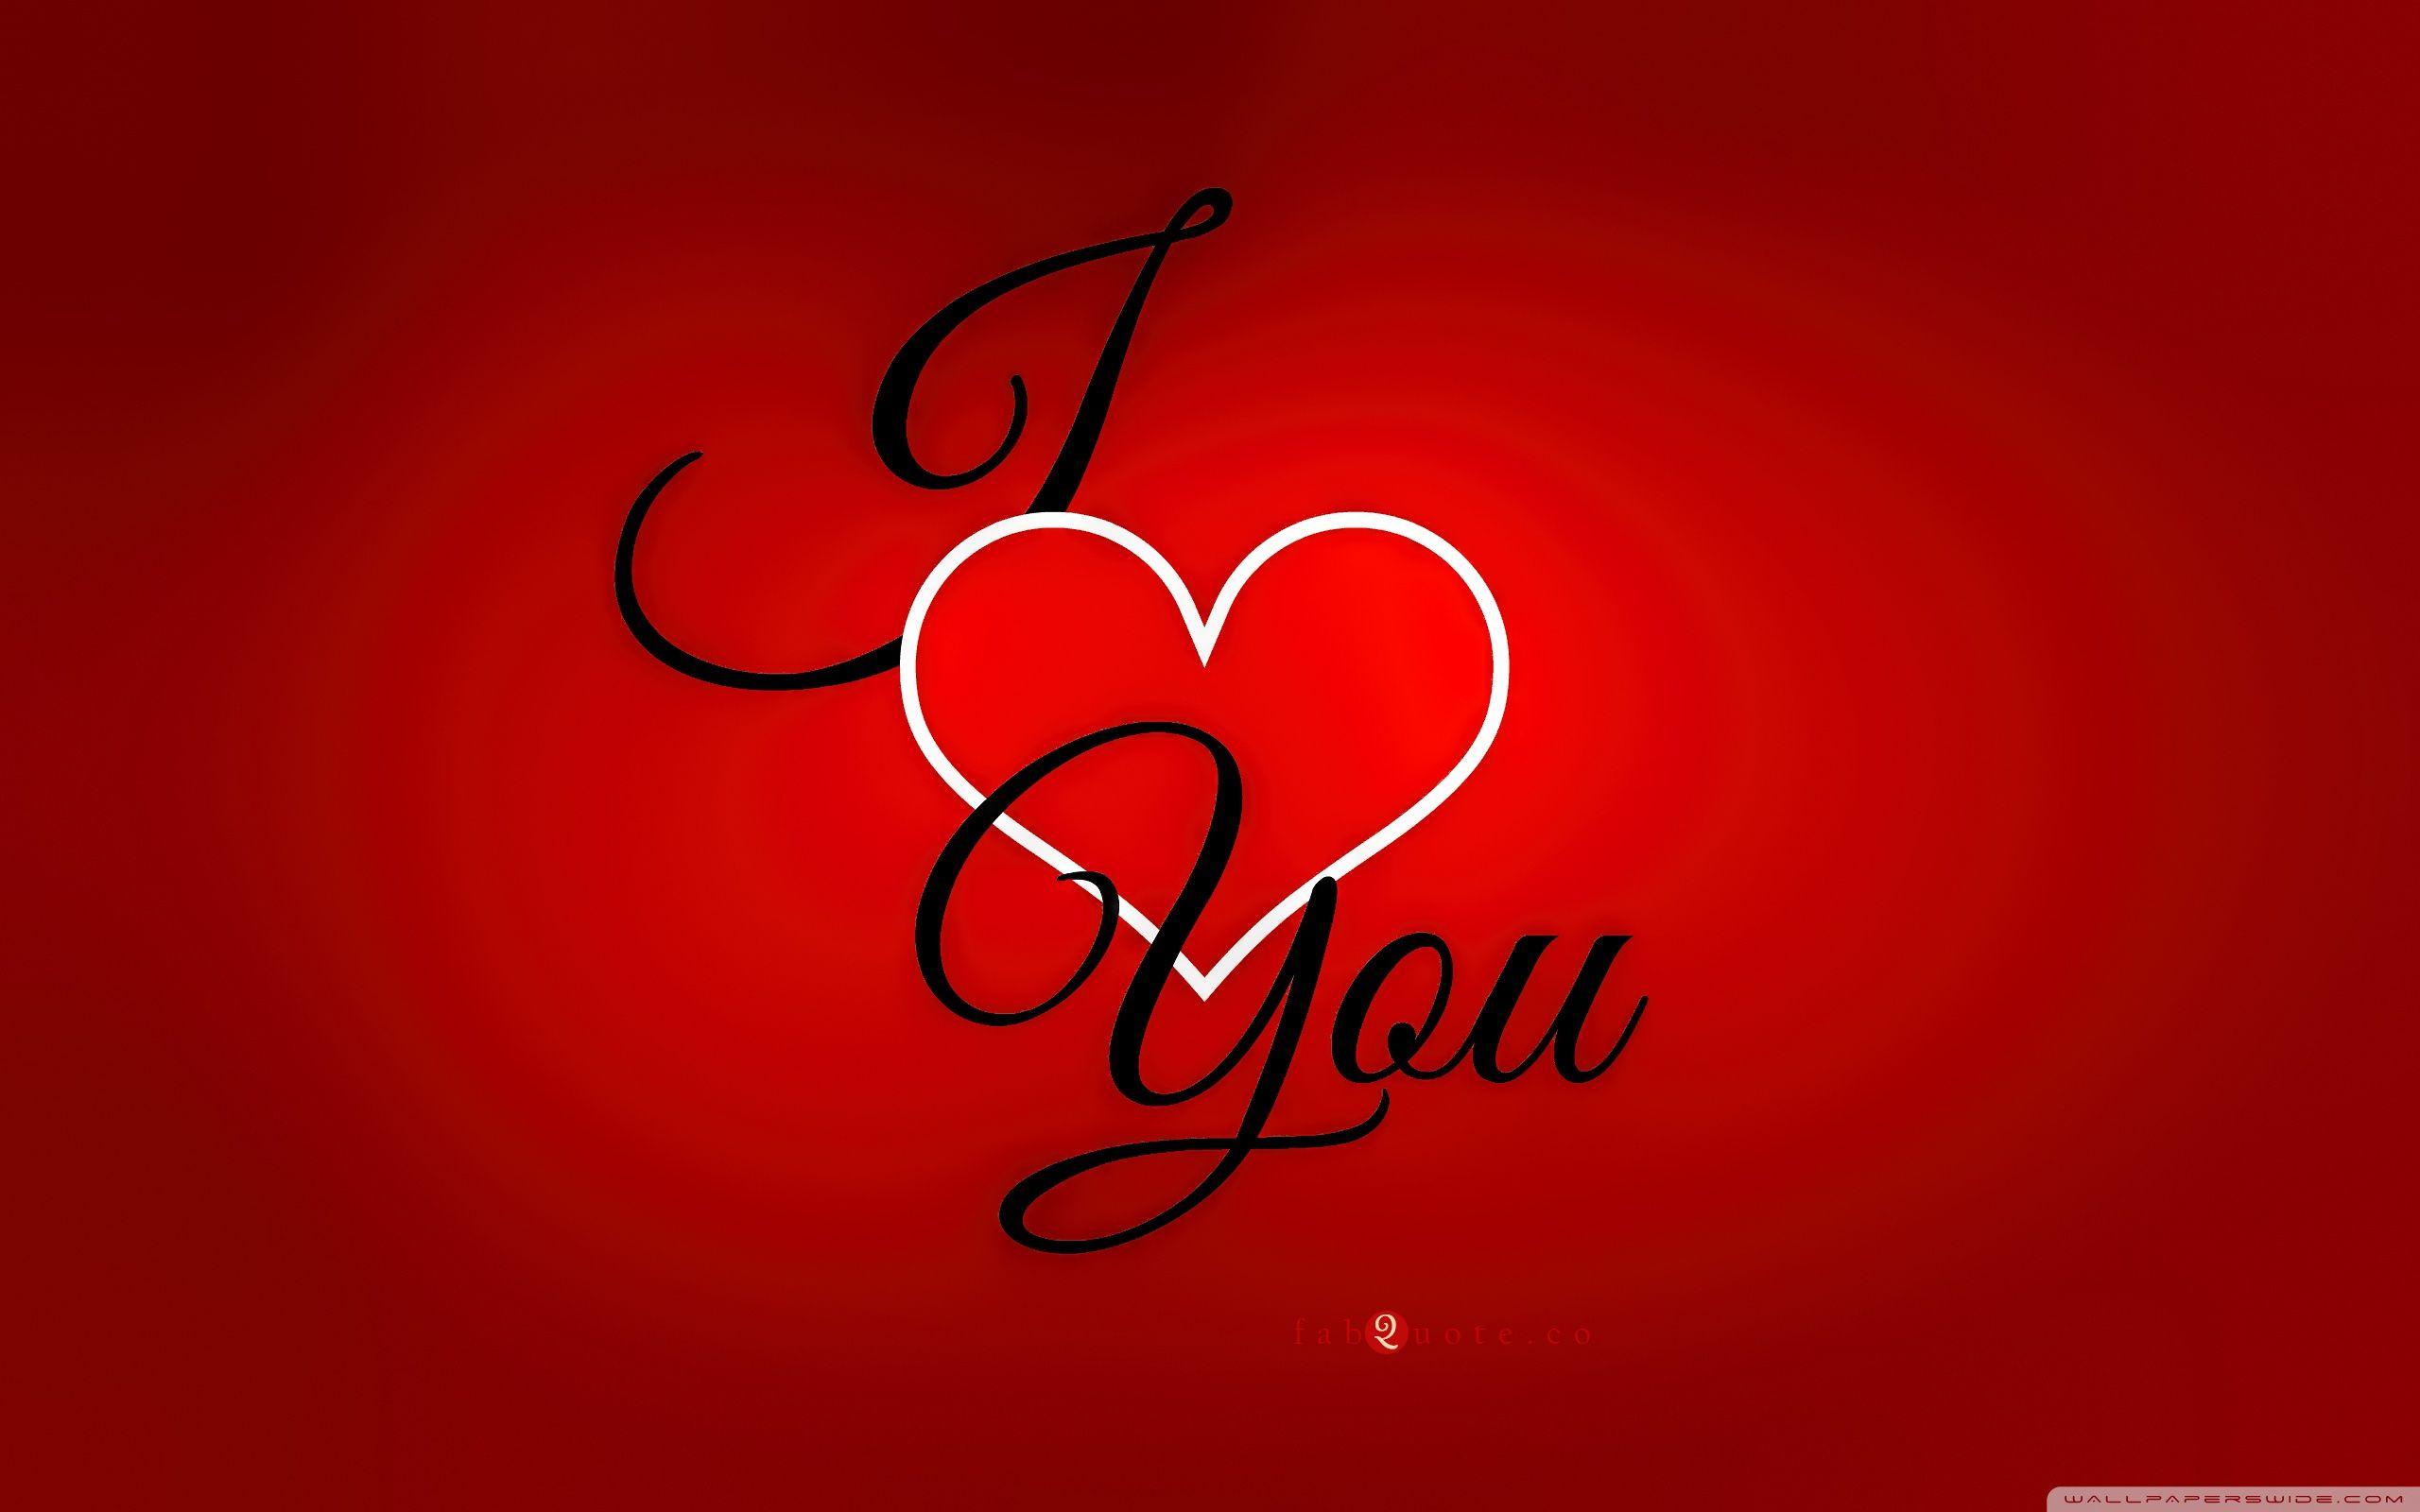 Valentine Day HD Images 9 | Valentine Day HD Images | Pinterest ...